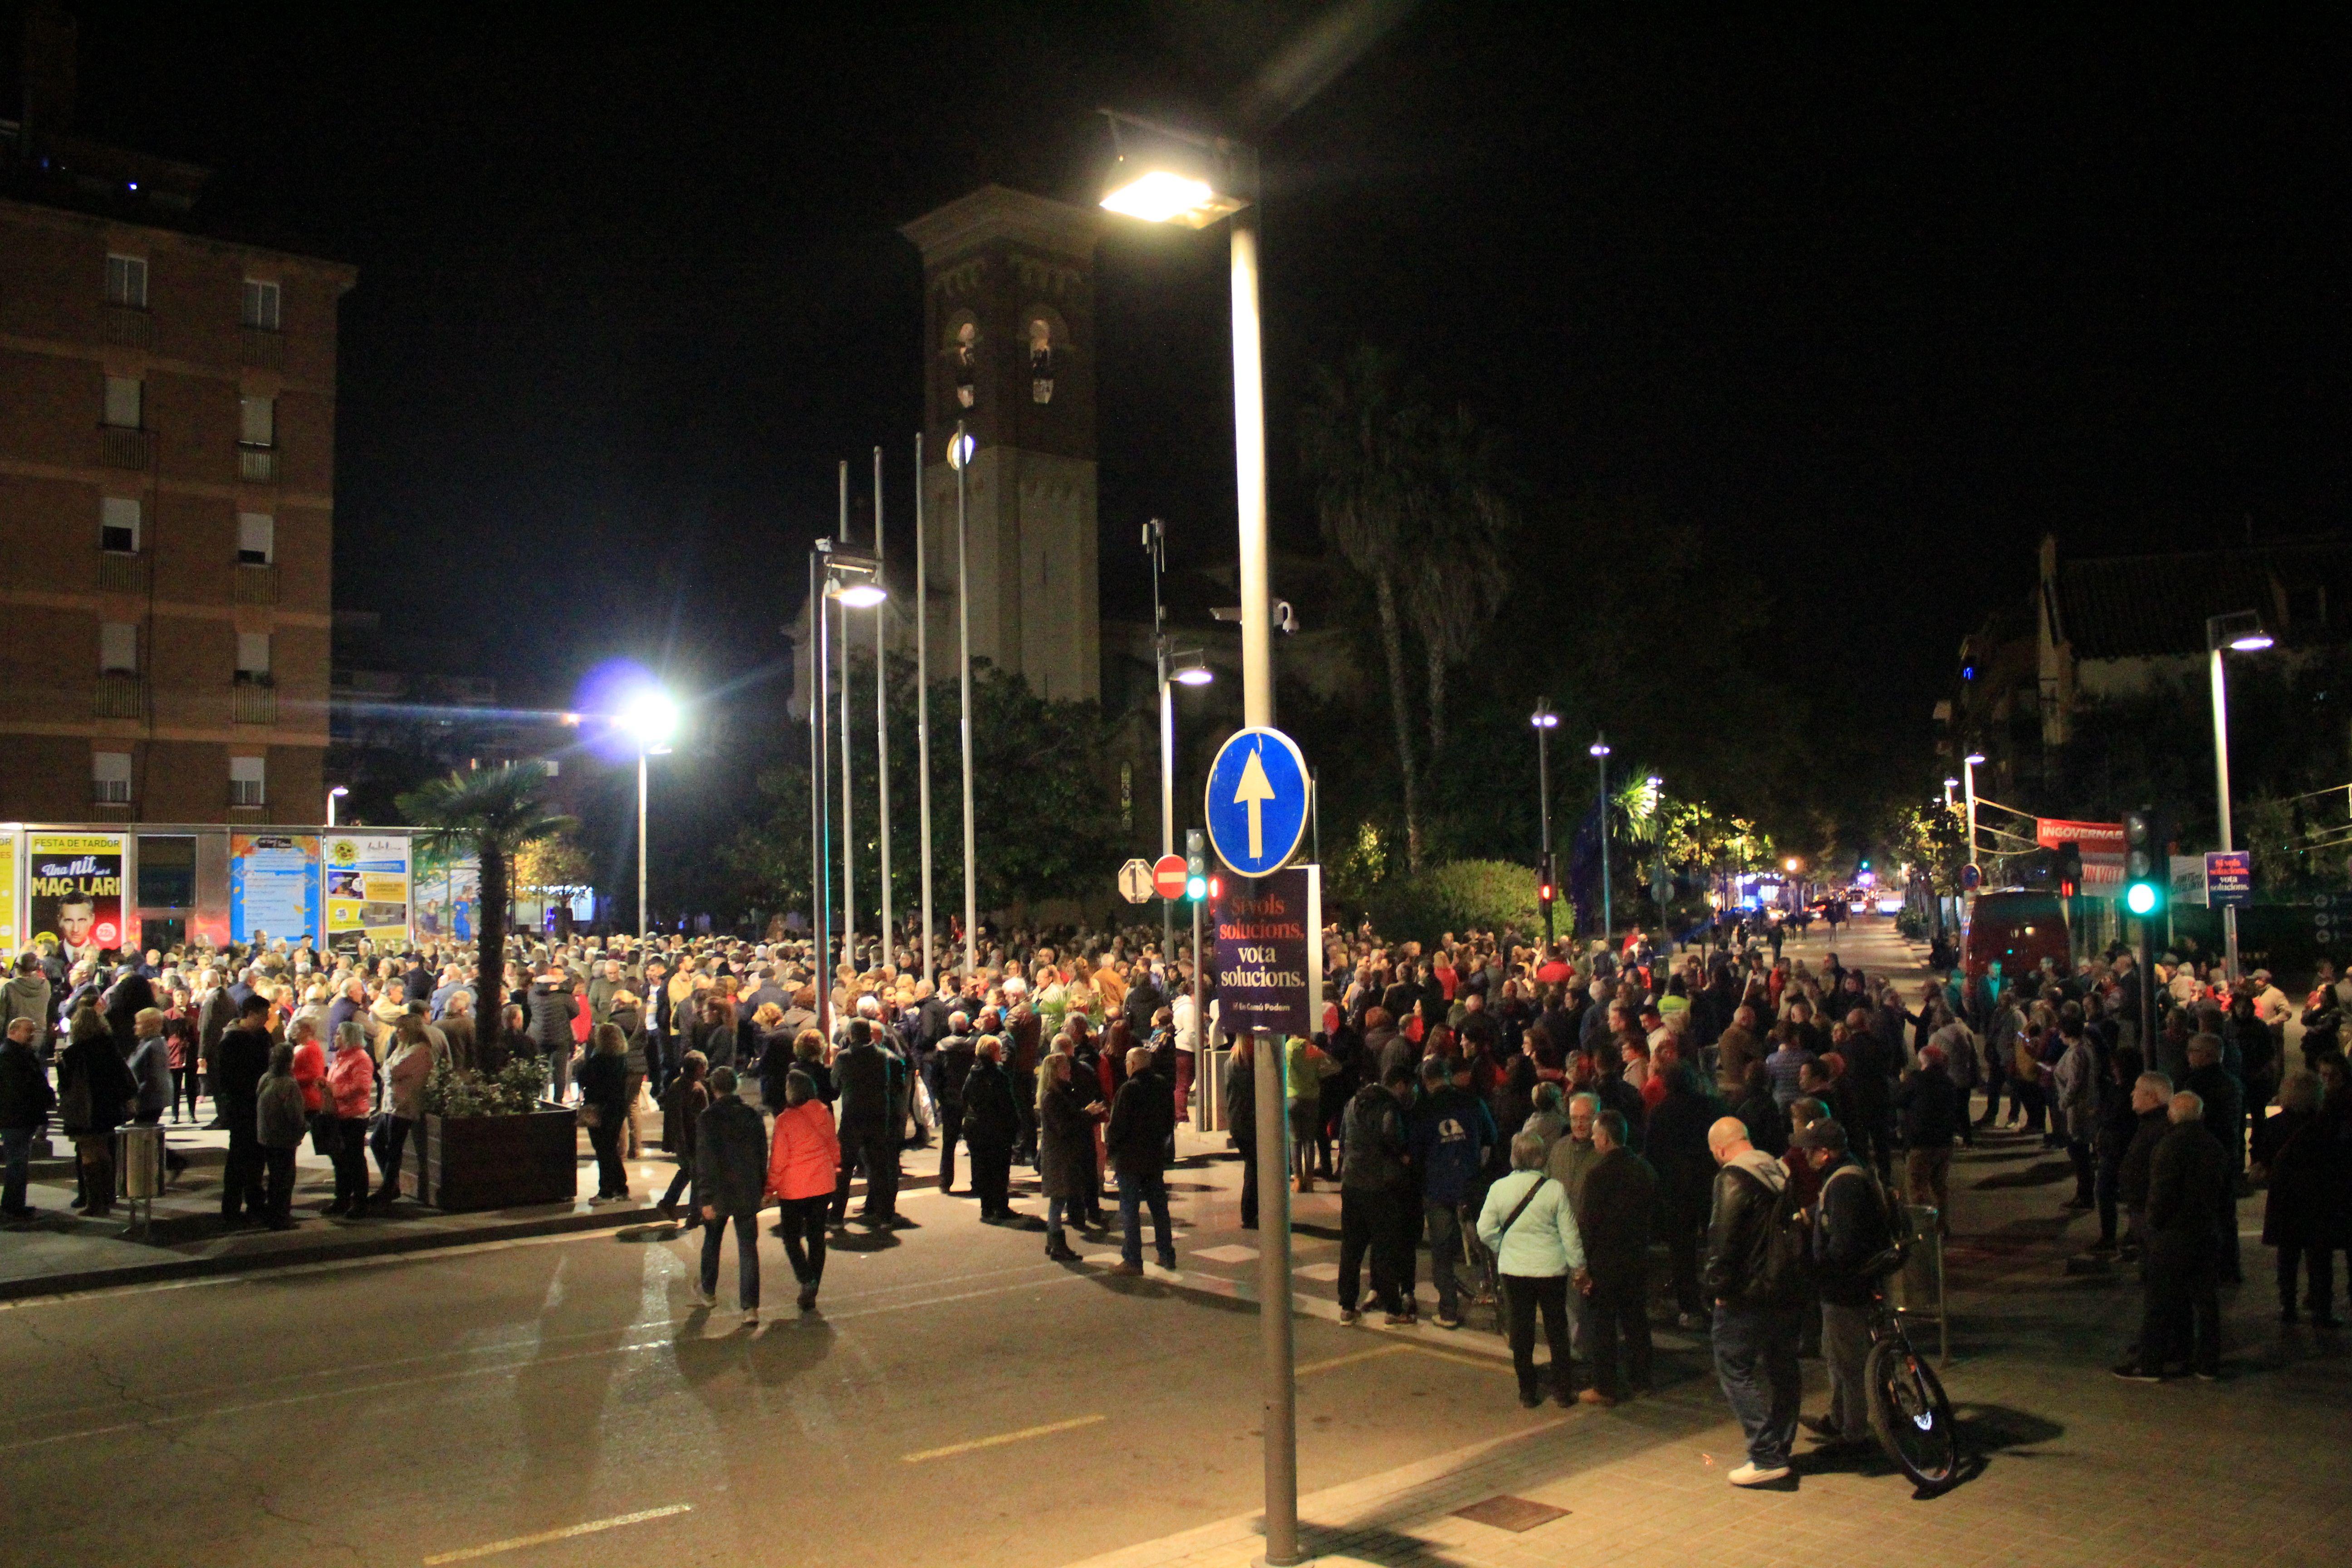 La concentració del 6 de novembre de 2019 davant l'Ajuntament va comptar amb 1000 assistents